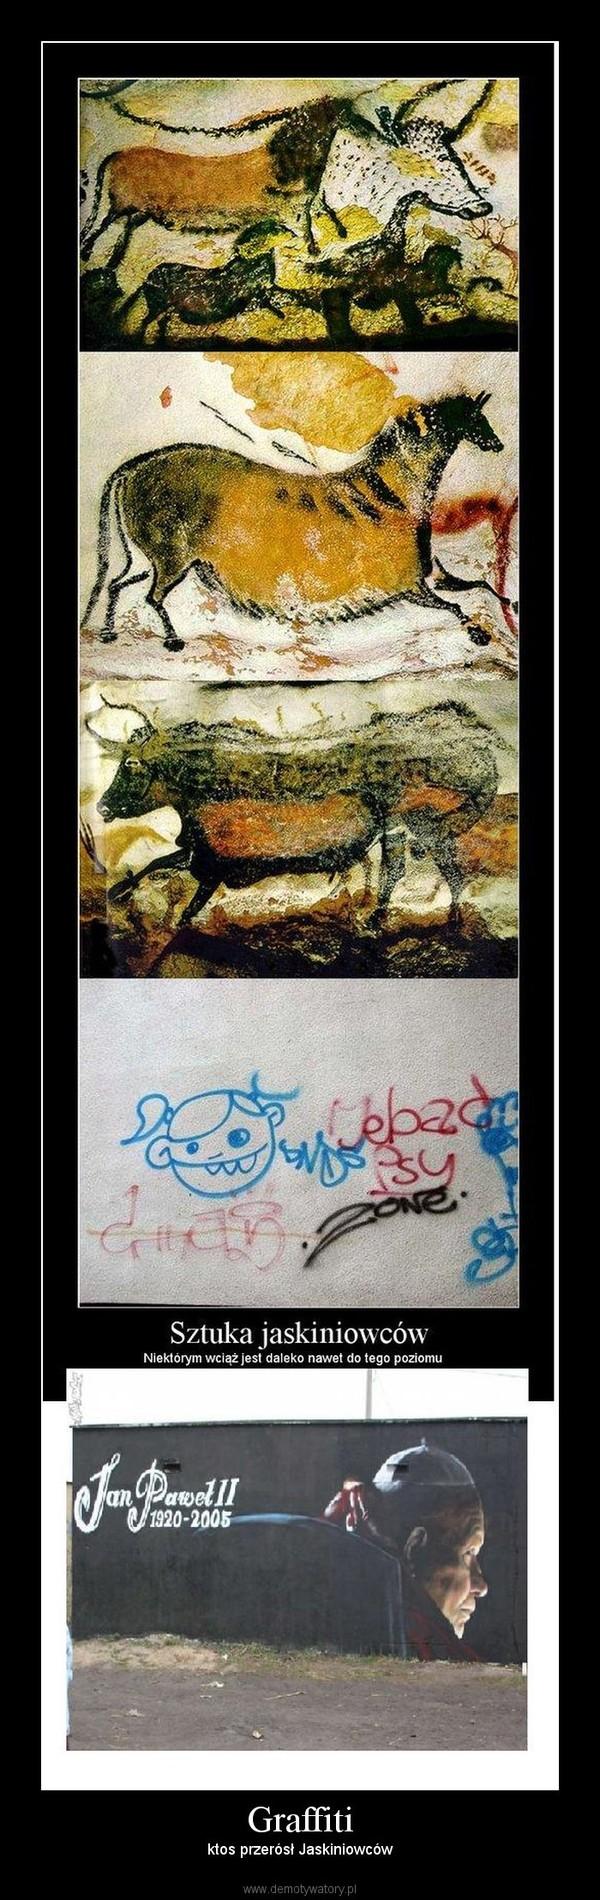 Graffiti – ktos przerósł Jaskiniowców